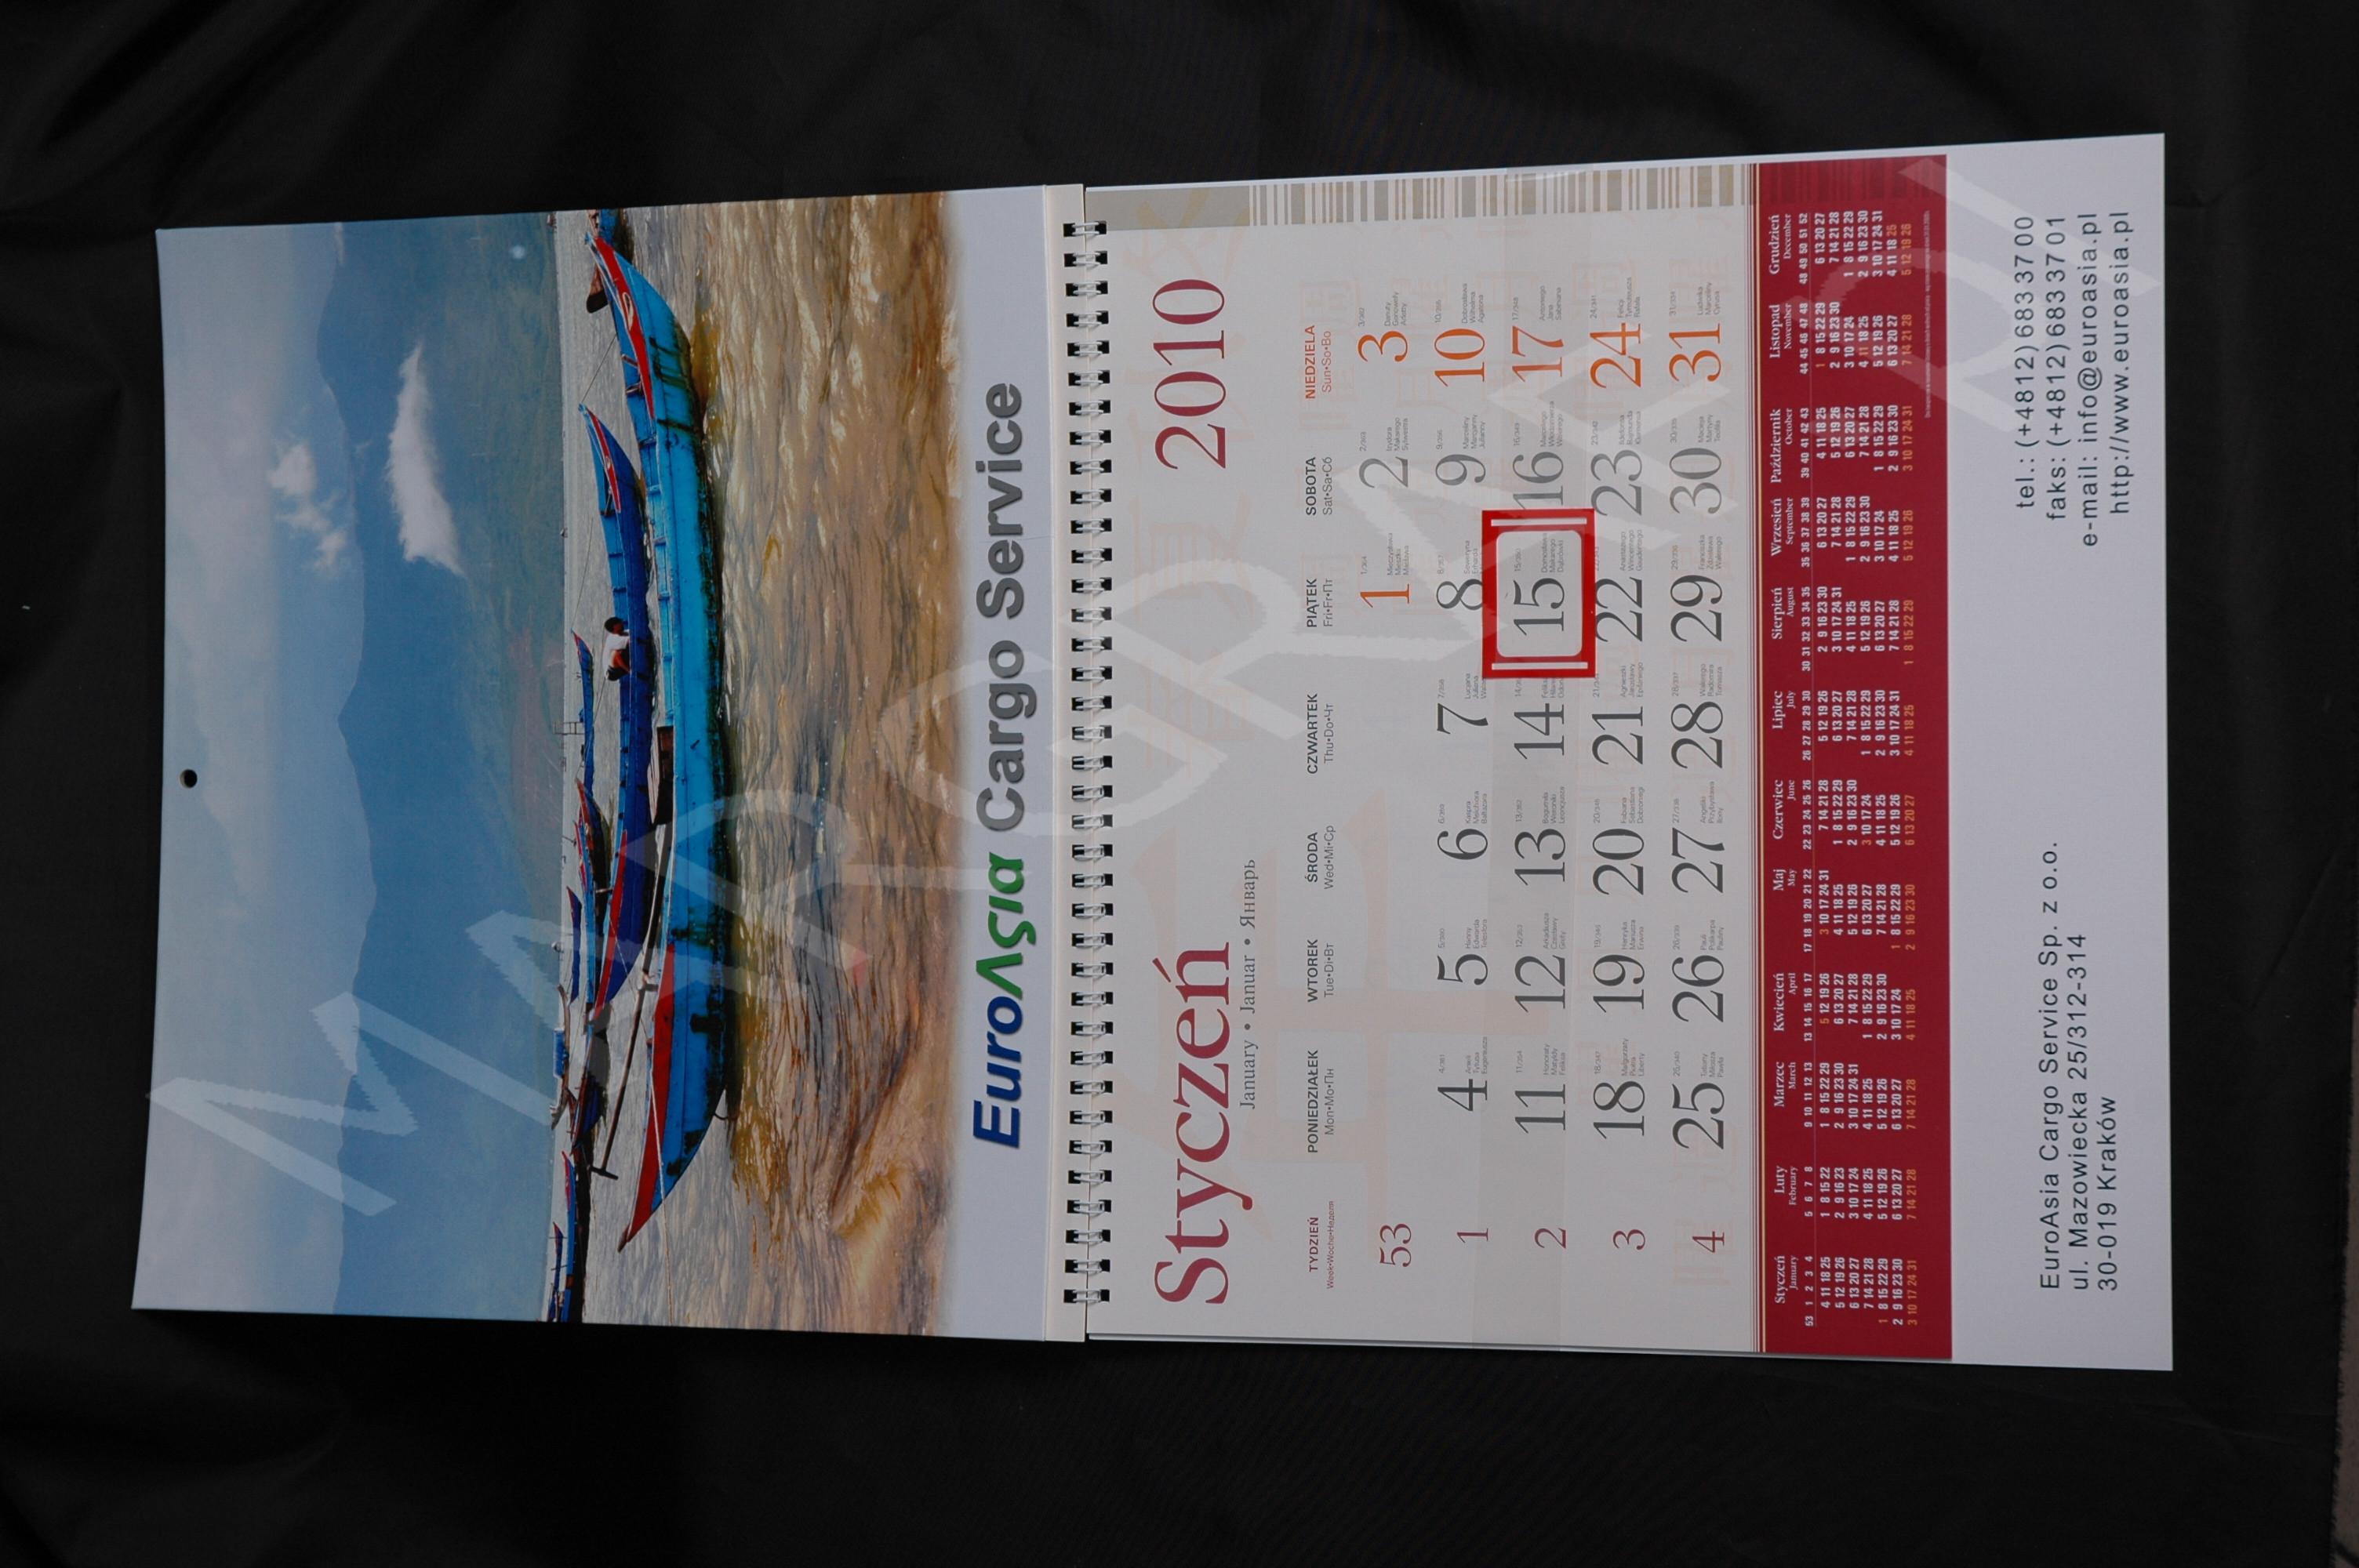 Kalendarz jednodzielny z doklejanym zdjęciem [SSB10]